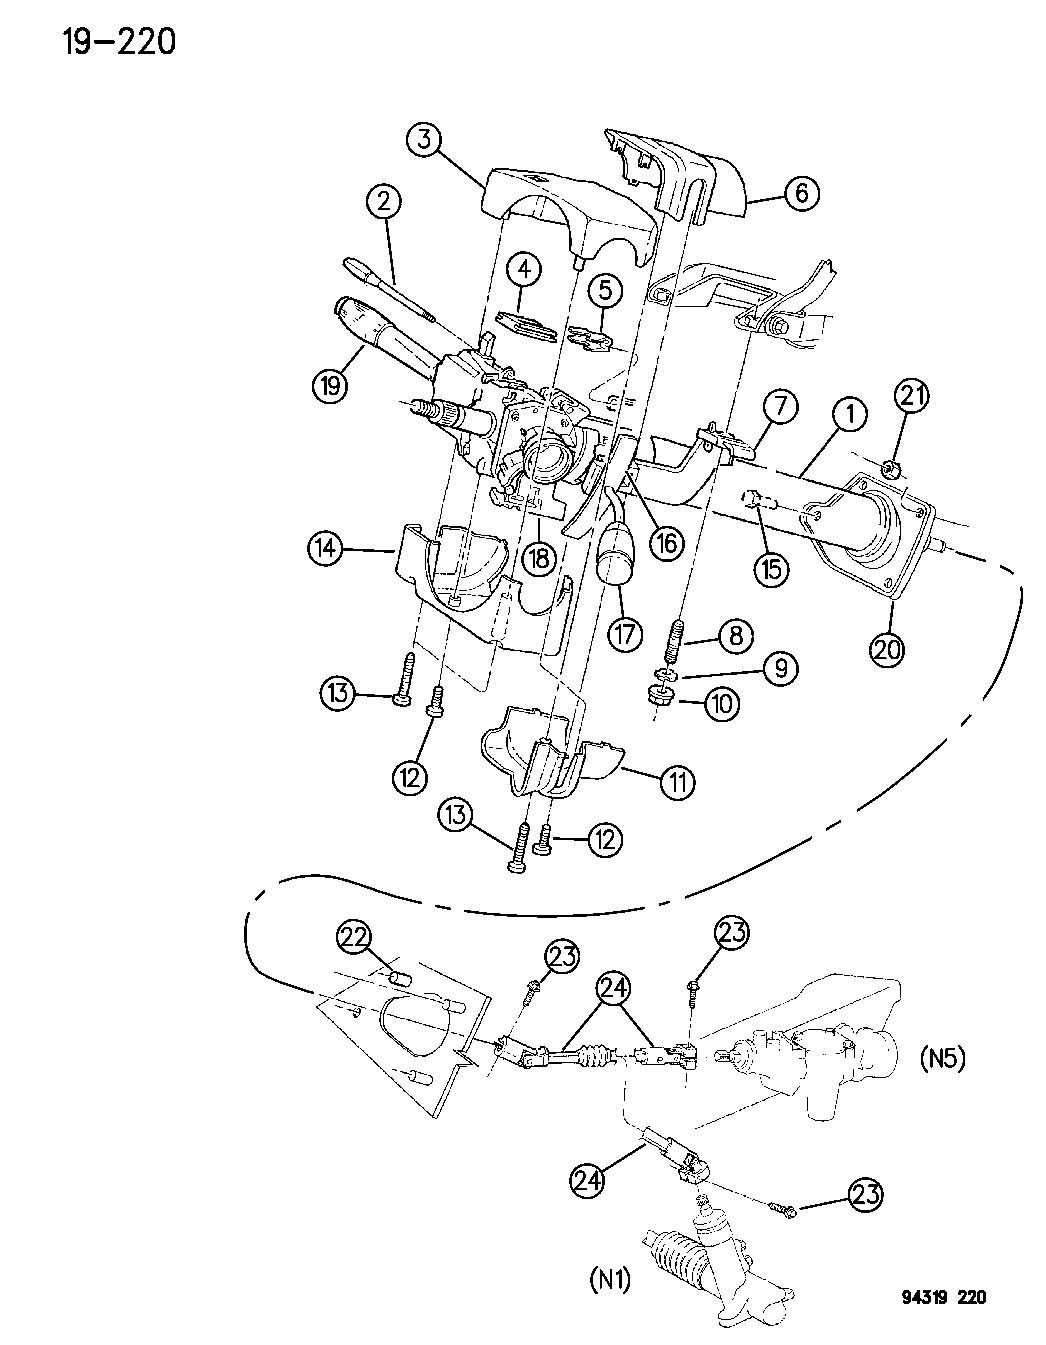 Dodge Dakota Column Steering Upper And Lower N Body